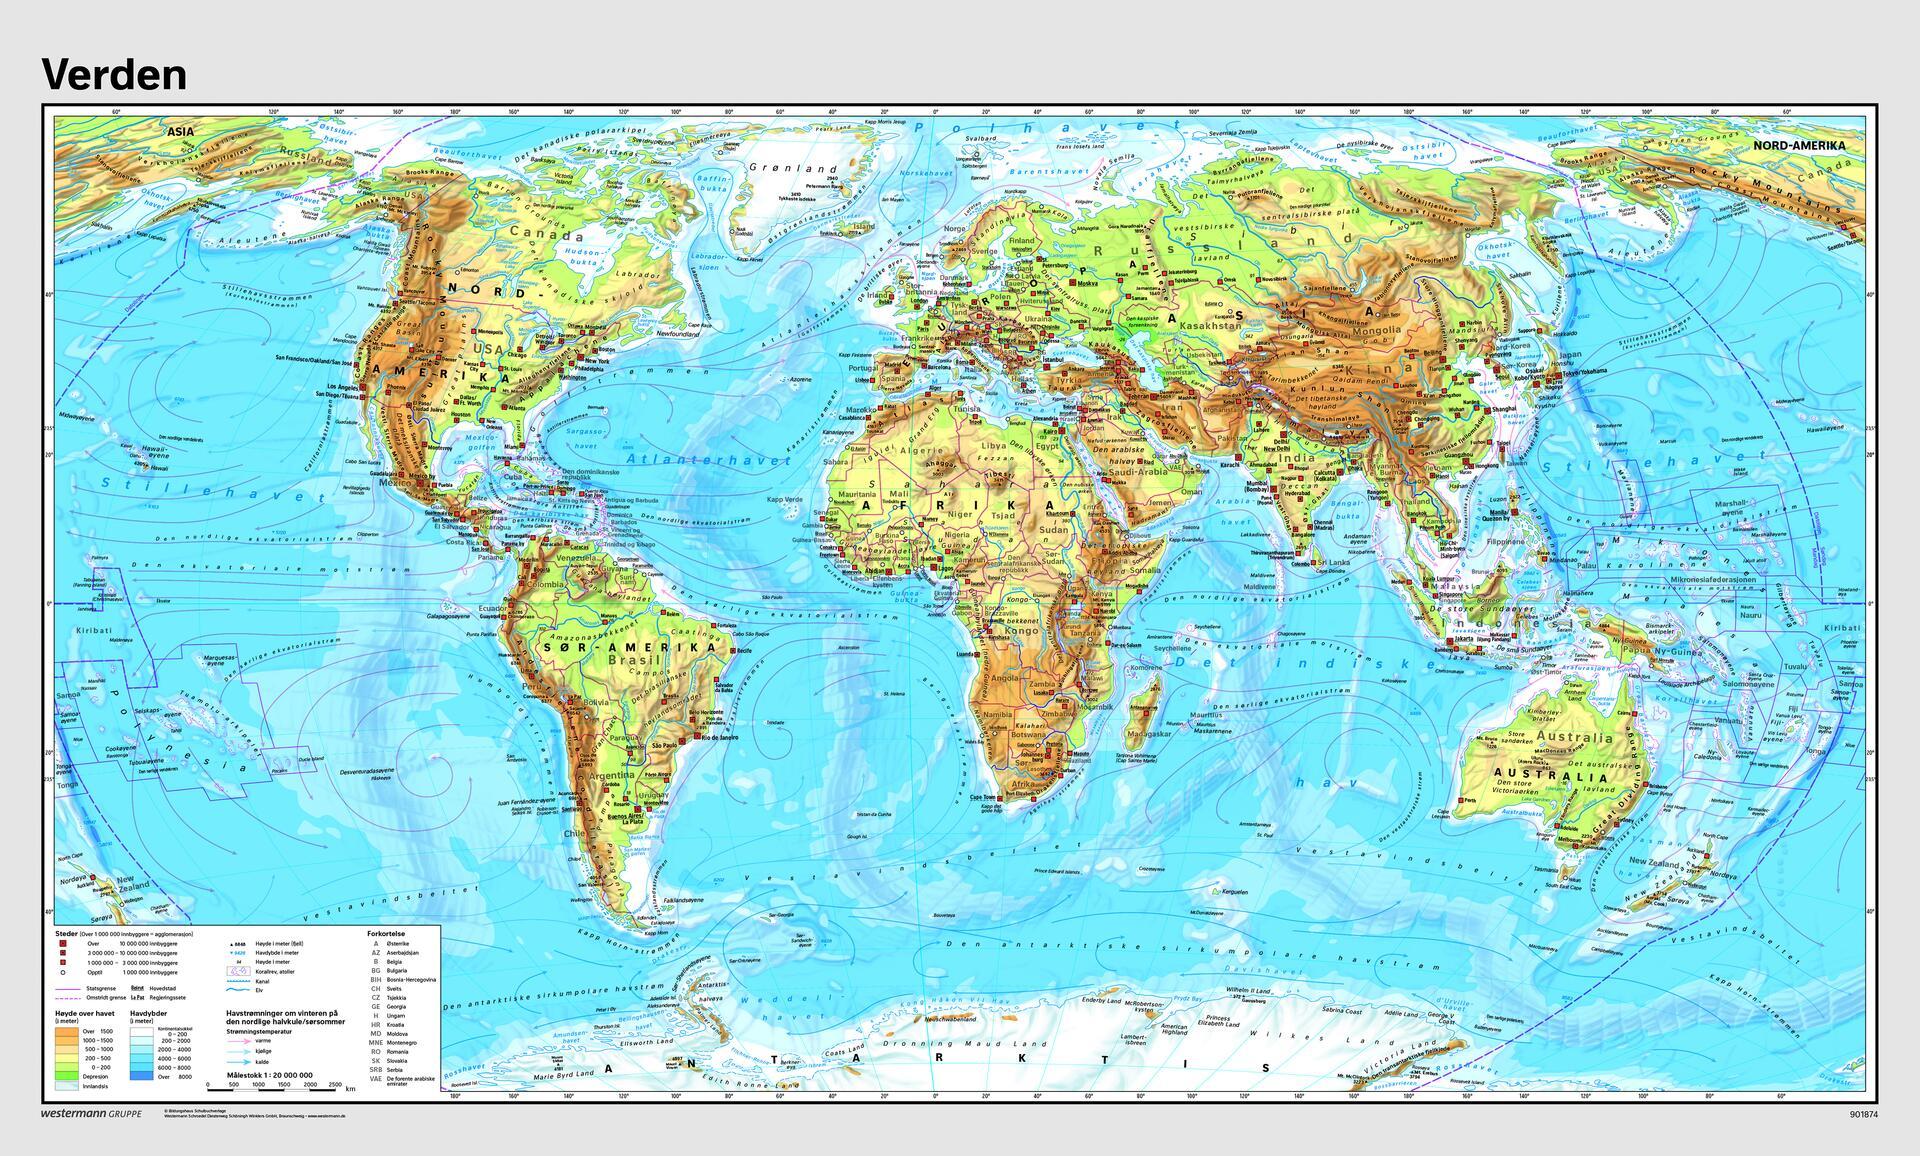 verdens kart Verdenskart m/selvløftende stokk og snor   Lekolar Norge verdens kart